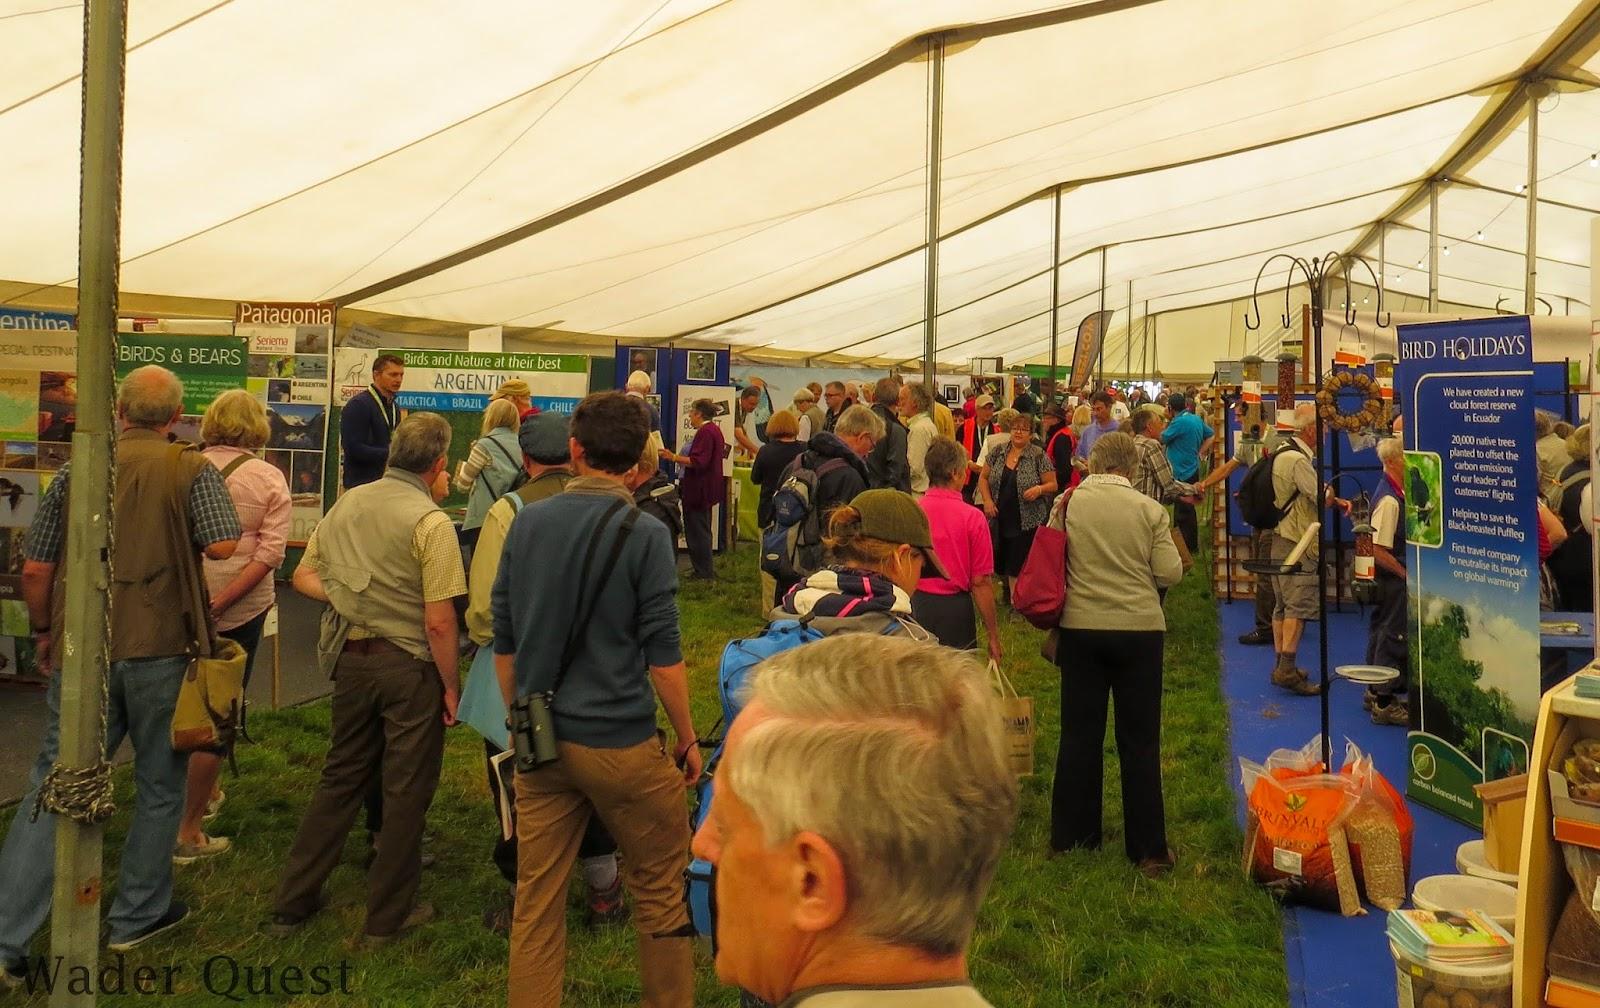 Wader Quest: Fantastic Bird Fair Weekend